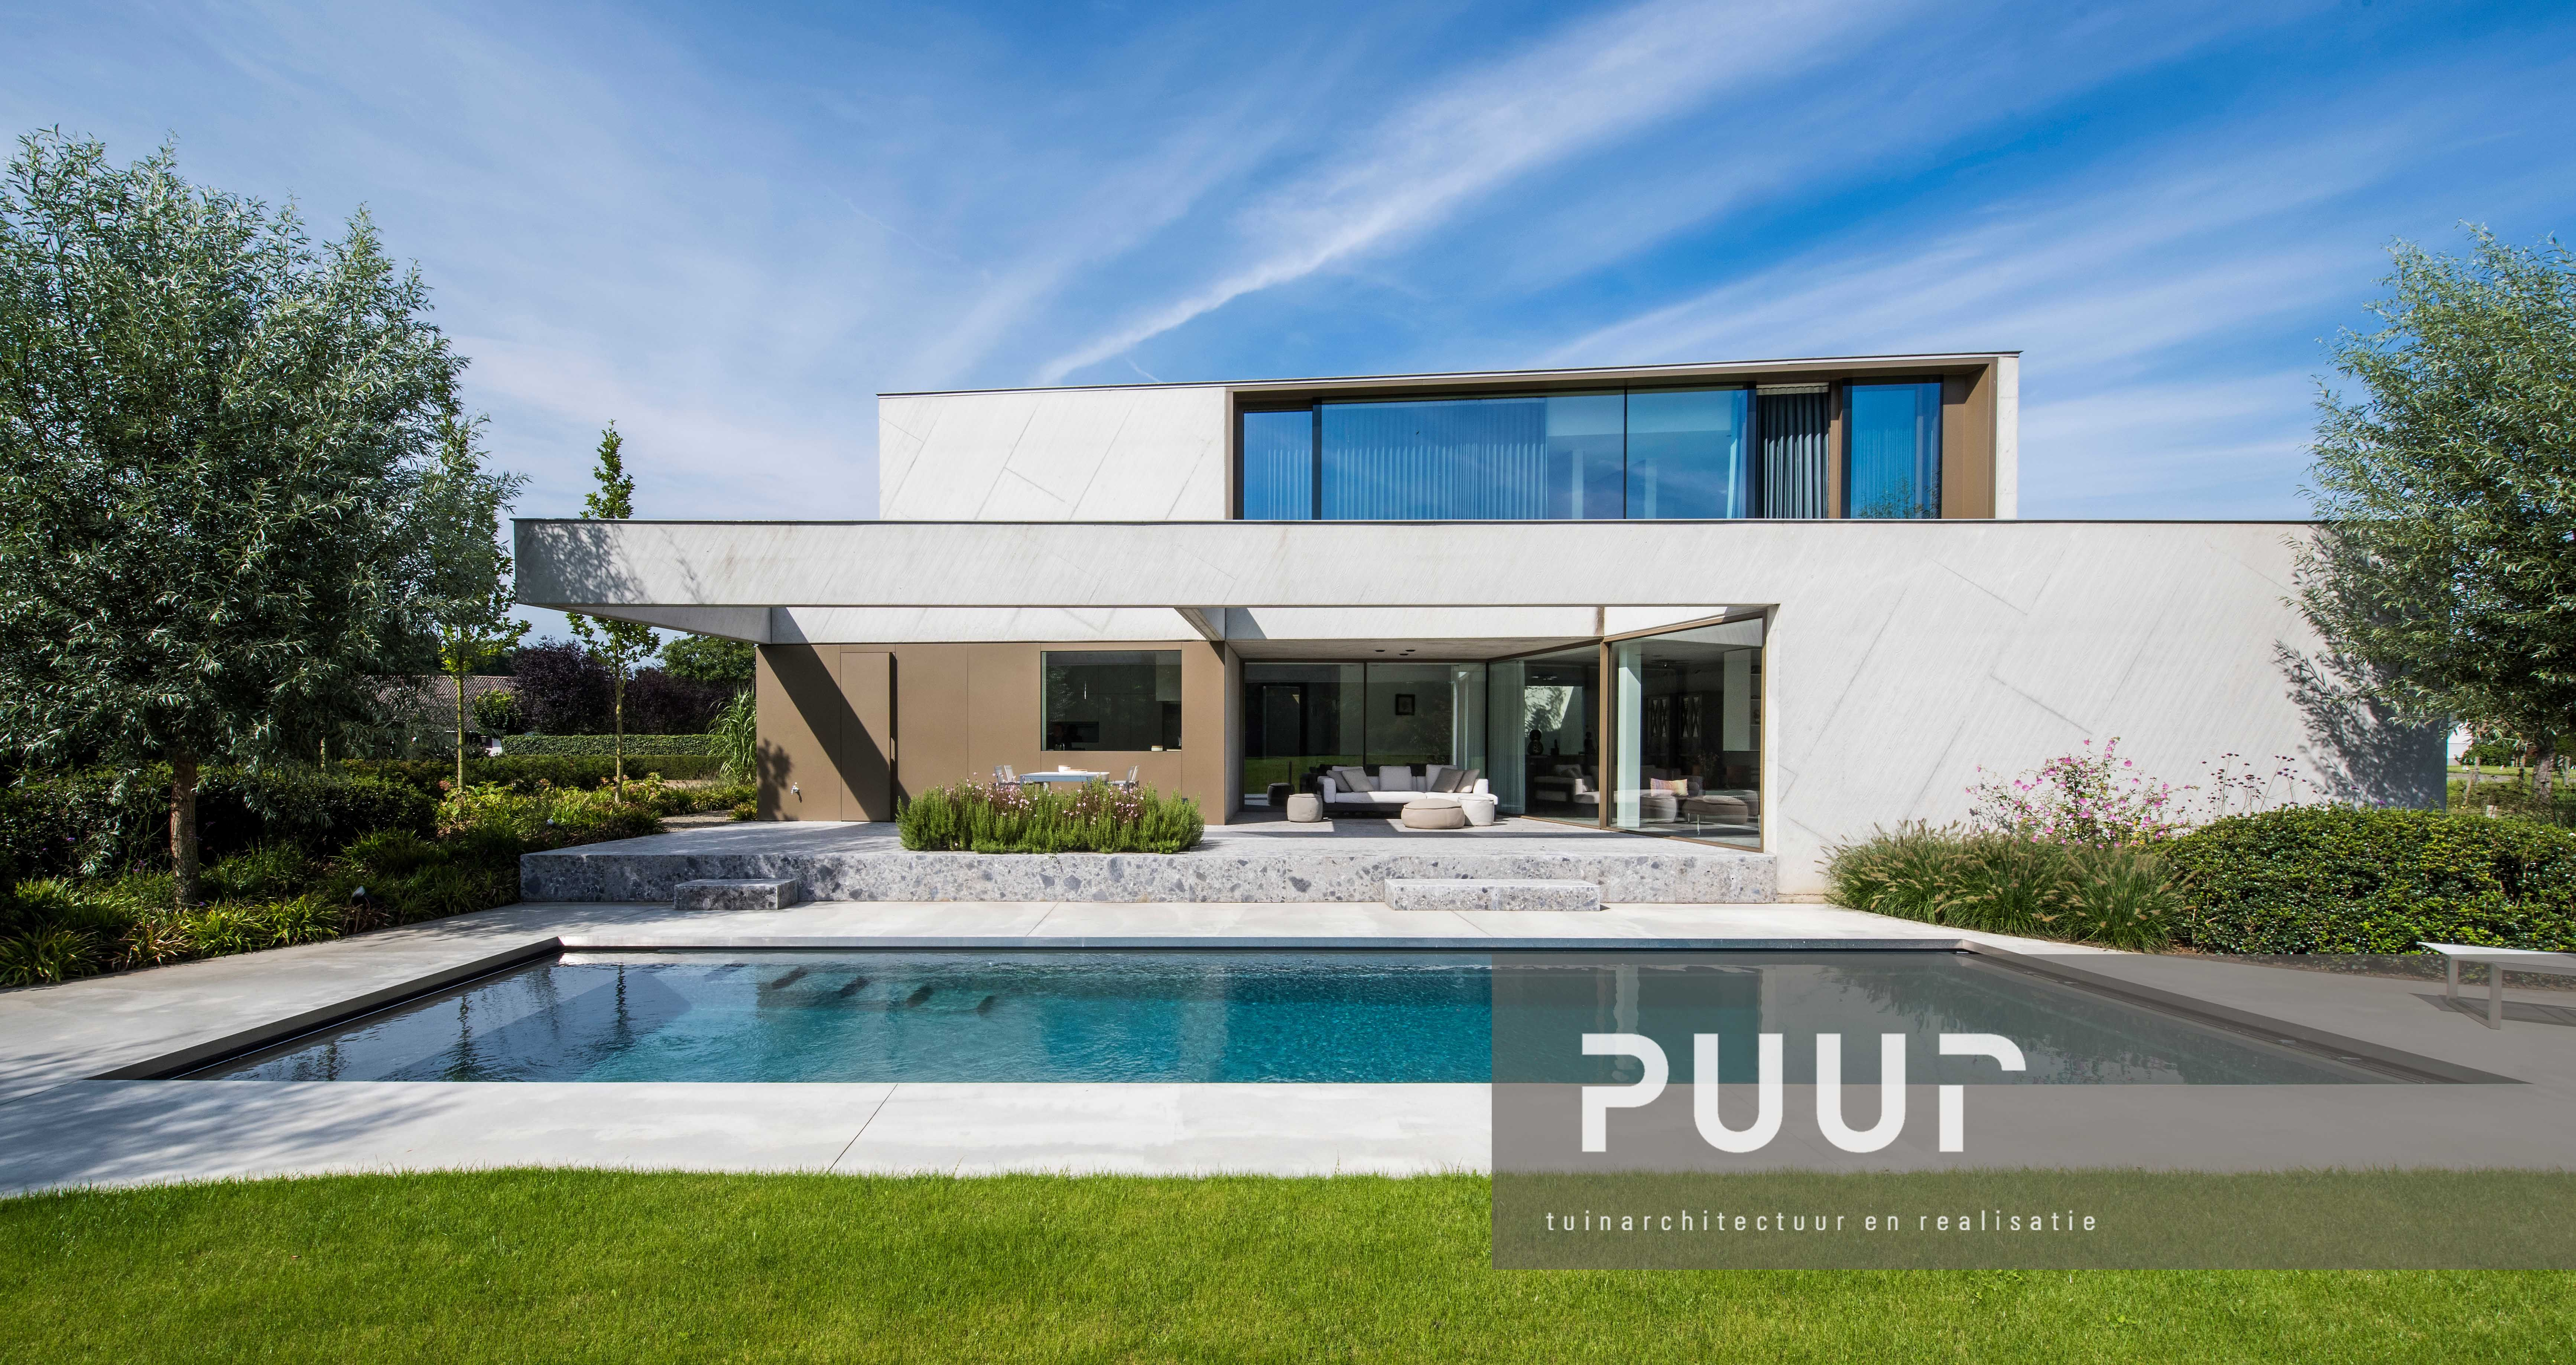 Moderne woning met strak zwembad puur groenprojecten